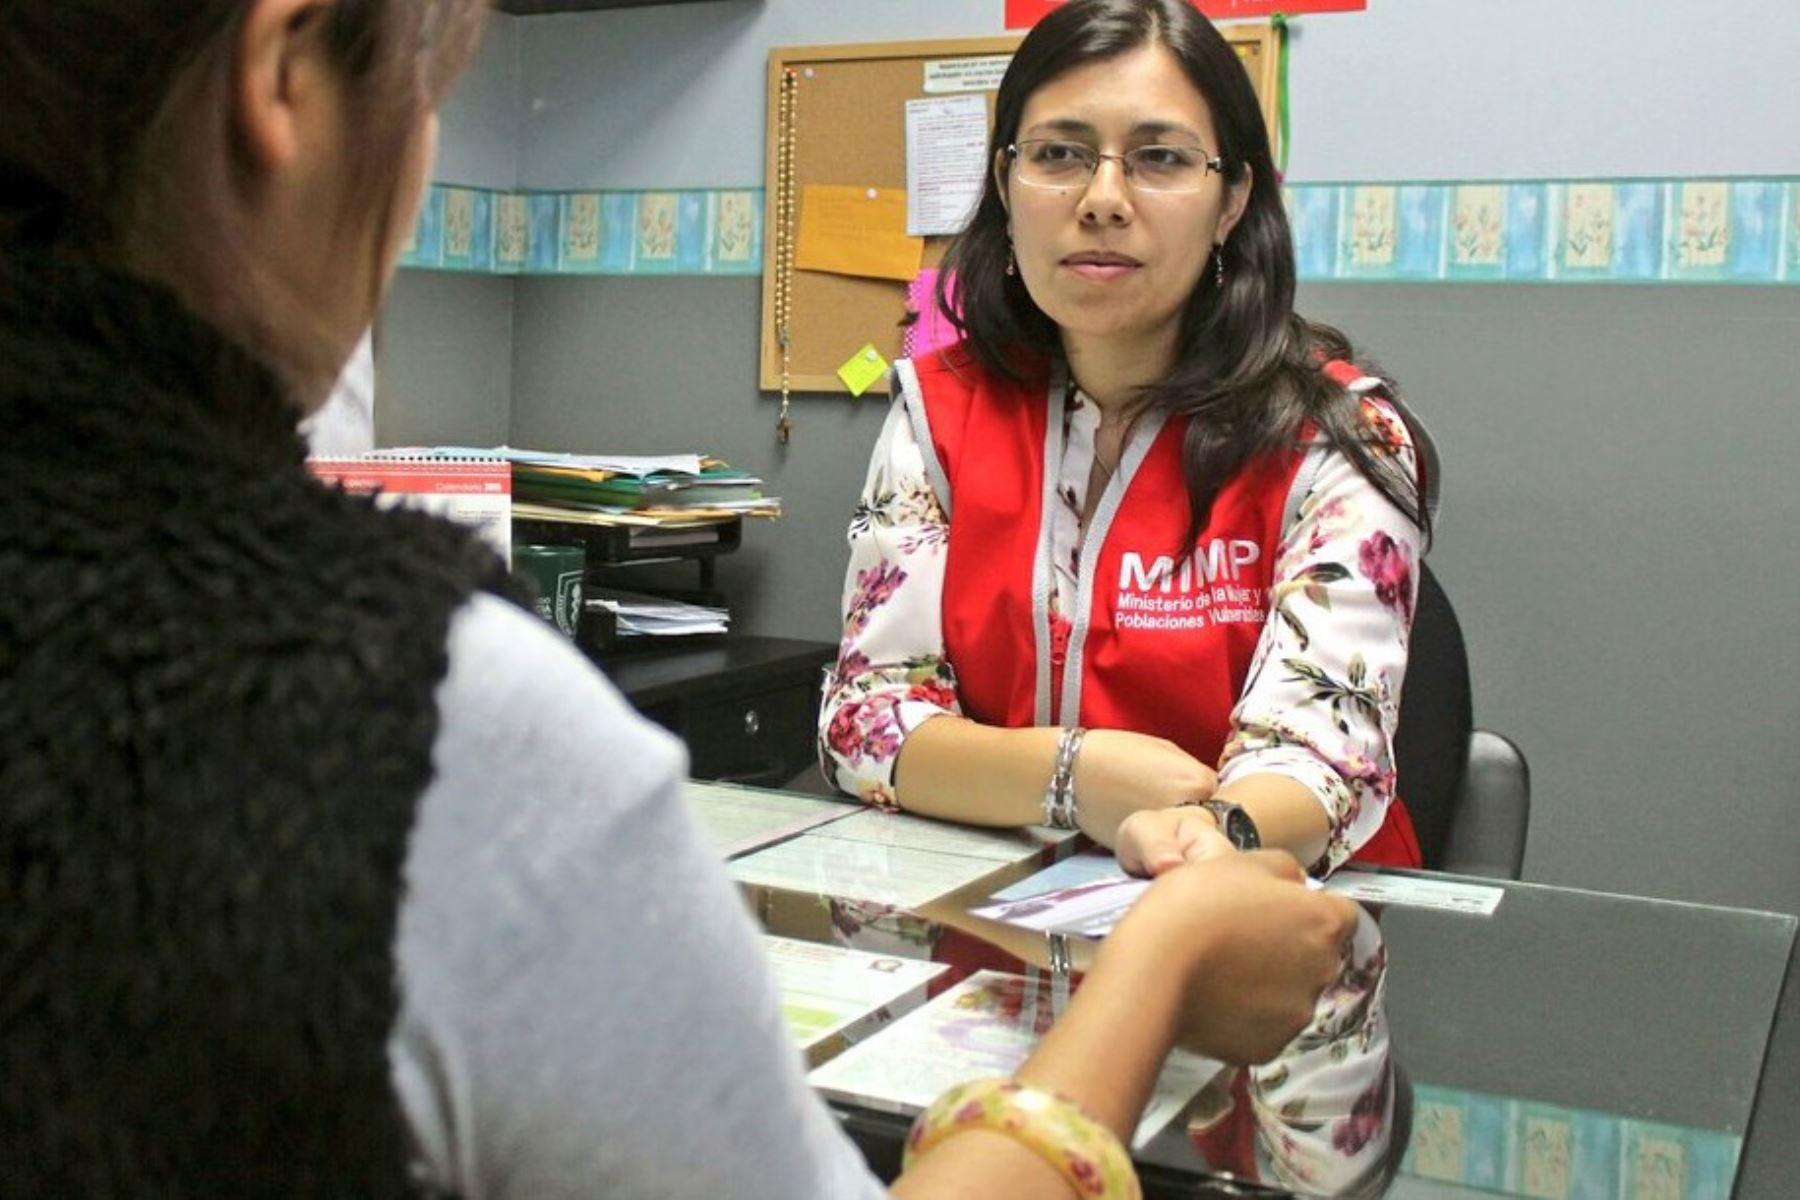 El Ministerio de la Mujer y Poblaciones Vulnerables (MIMP) brinda atención social, psicológica y legal a Juana Mendoza Alva, quien fue quemada por un sujeto cuya identidad se encuentra en investigación policial, en la ciudad de Cajamarca.